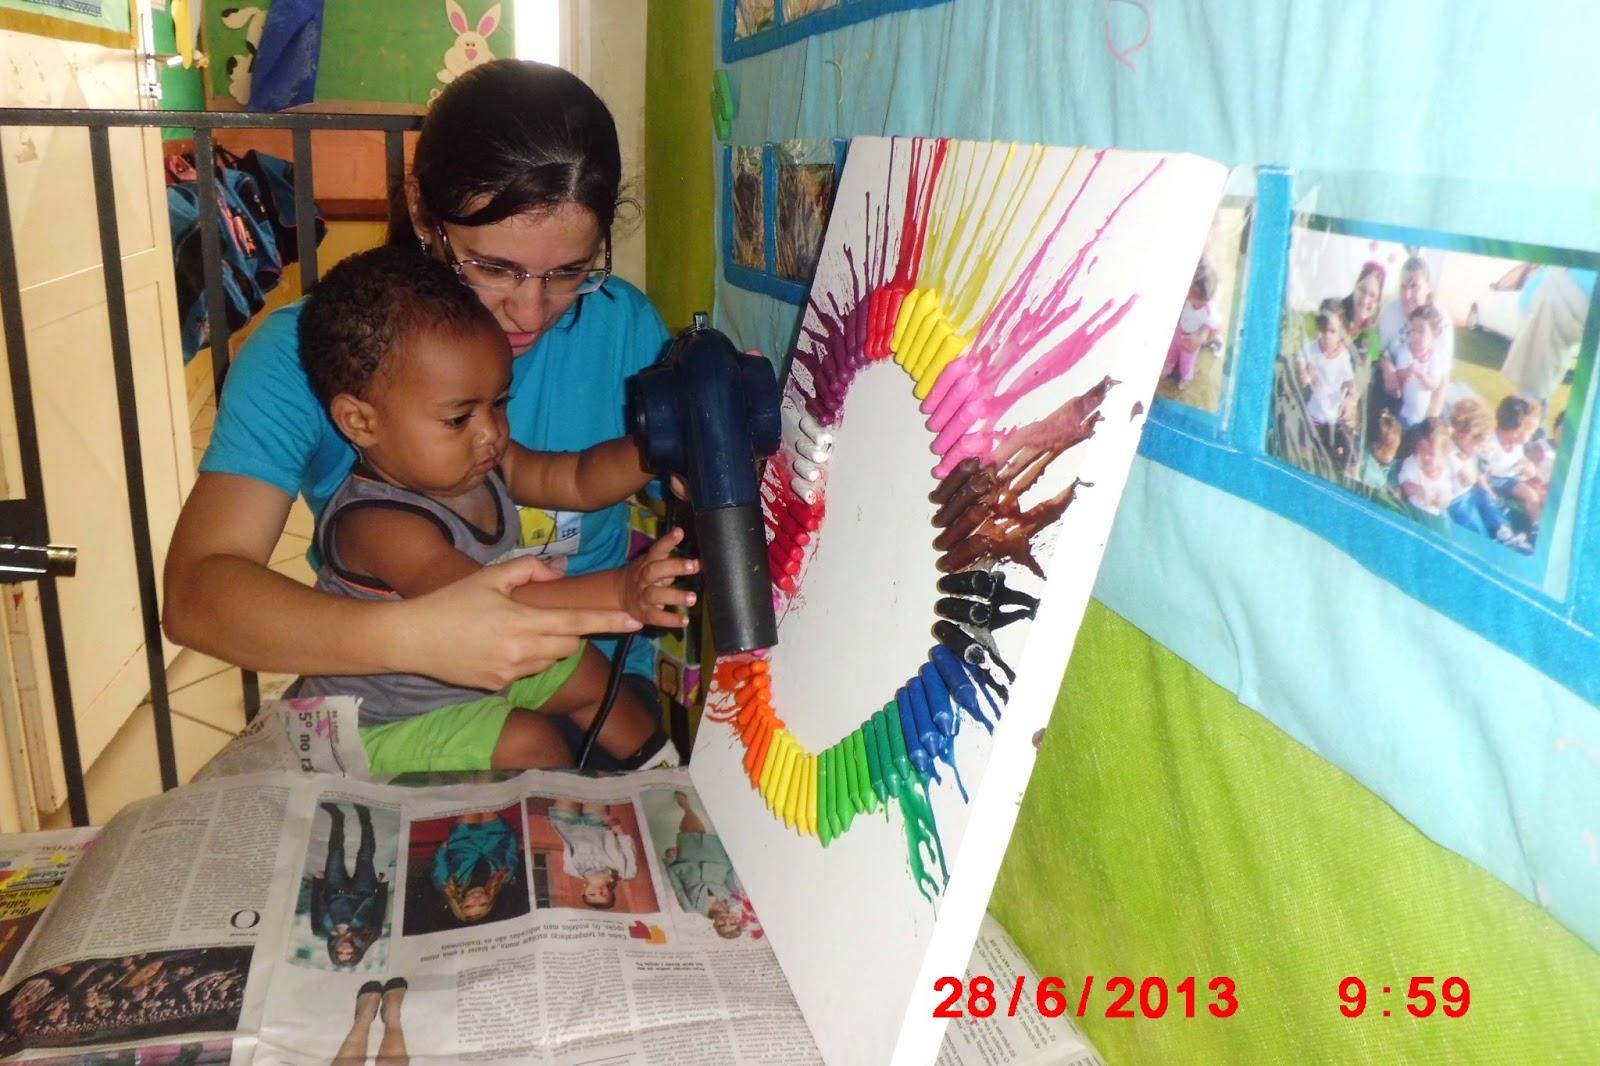 Famosos COMPARTILHANDO SABERES NA EDUCAÇÃO INFANTIL***: ARTES VISUAIS NO  WX63